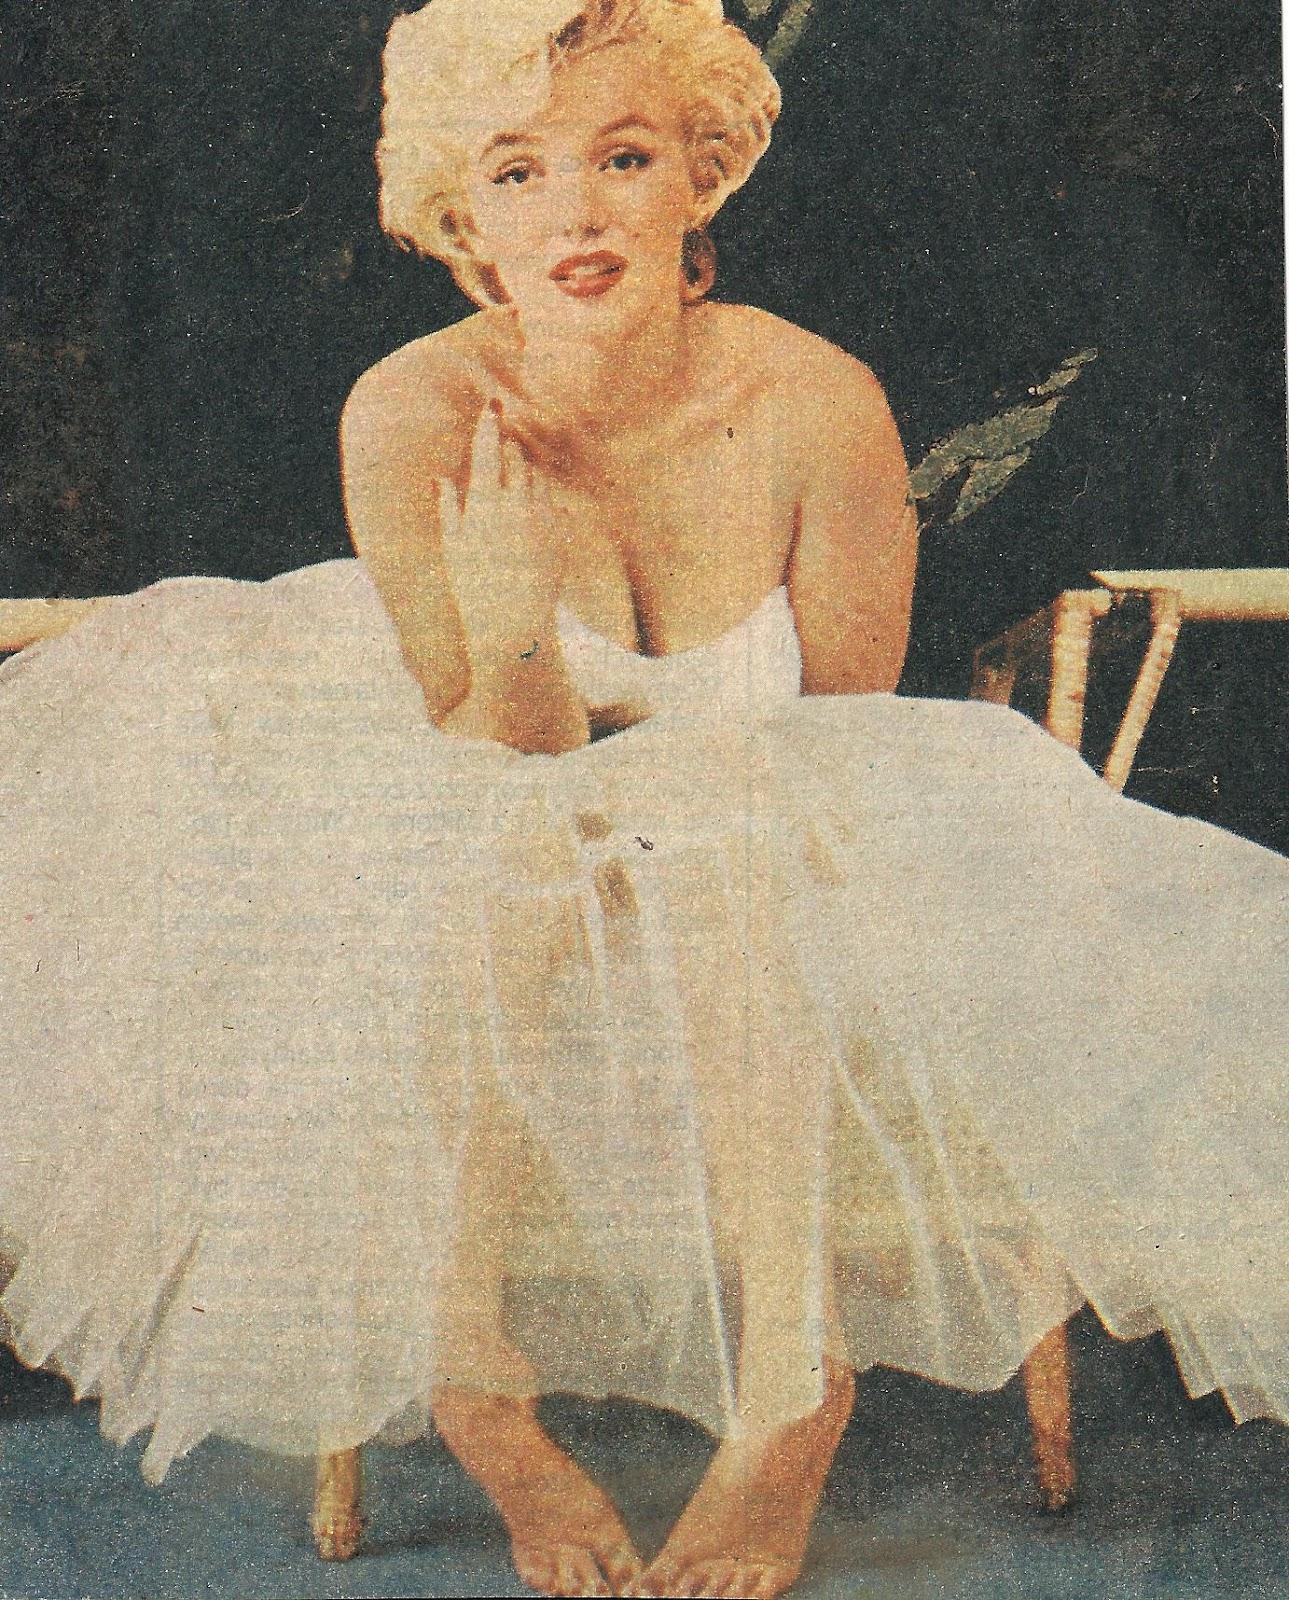 http://1.bp.blogspot.com/-3NNMQm0zj04/UB5JqIZso5I/AAAAAAAAACw/6k6rGCFIHQA/s1600/Marilyn+Monroe.jpg